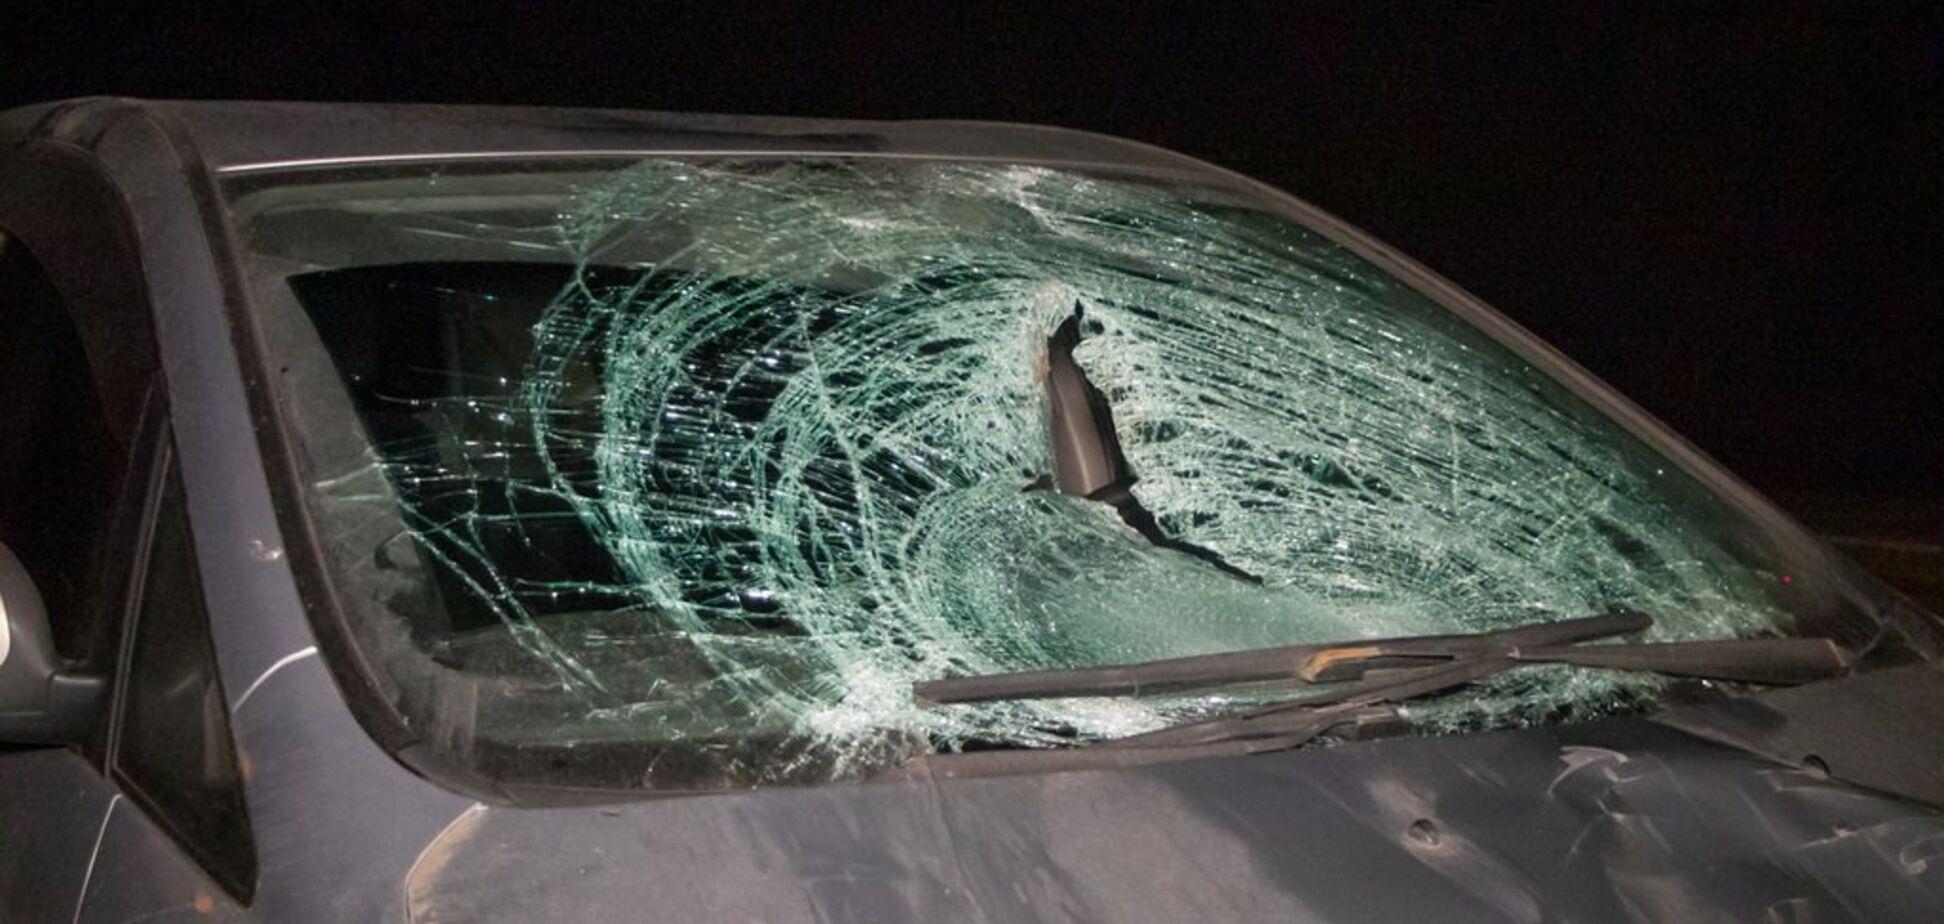 Под Днепром водитель насмерть сбил пешехода: фото и видео трагедии 18+